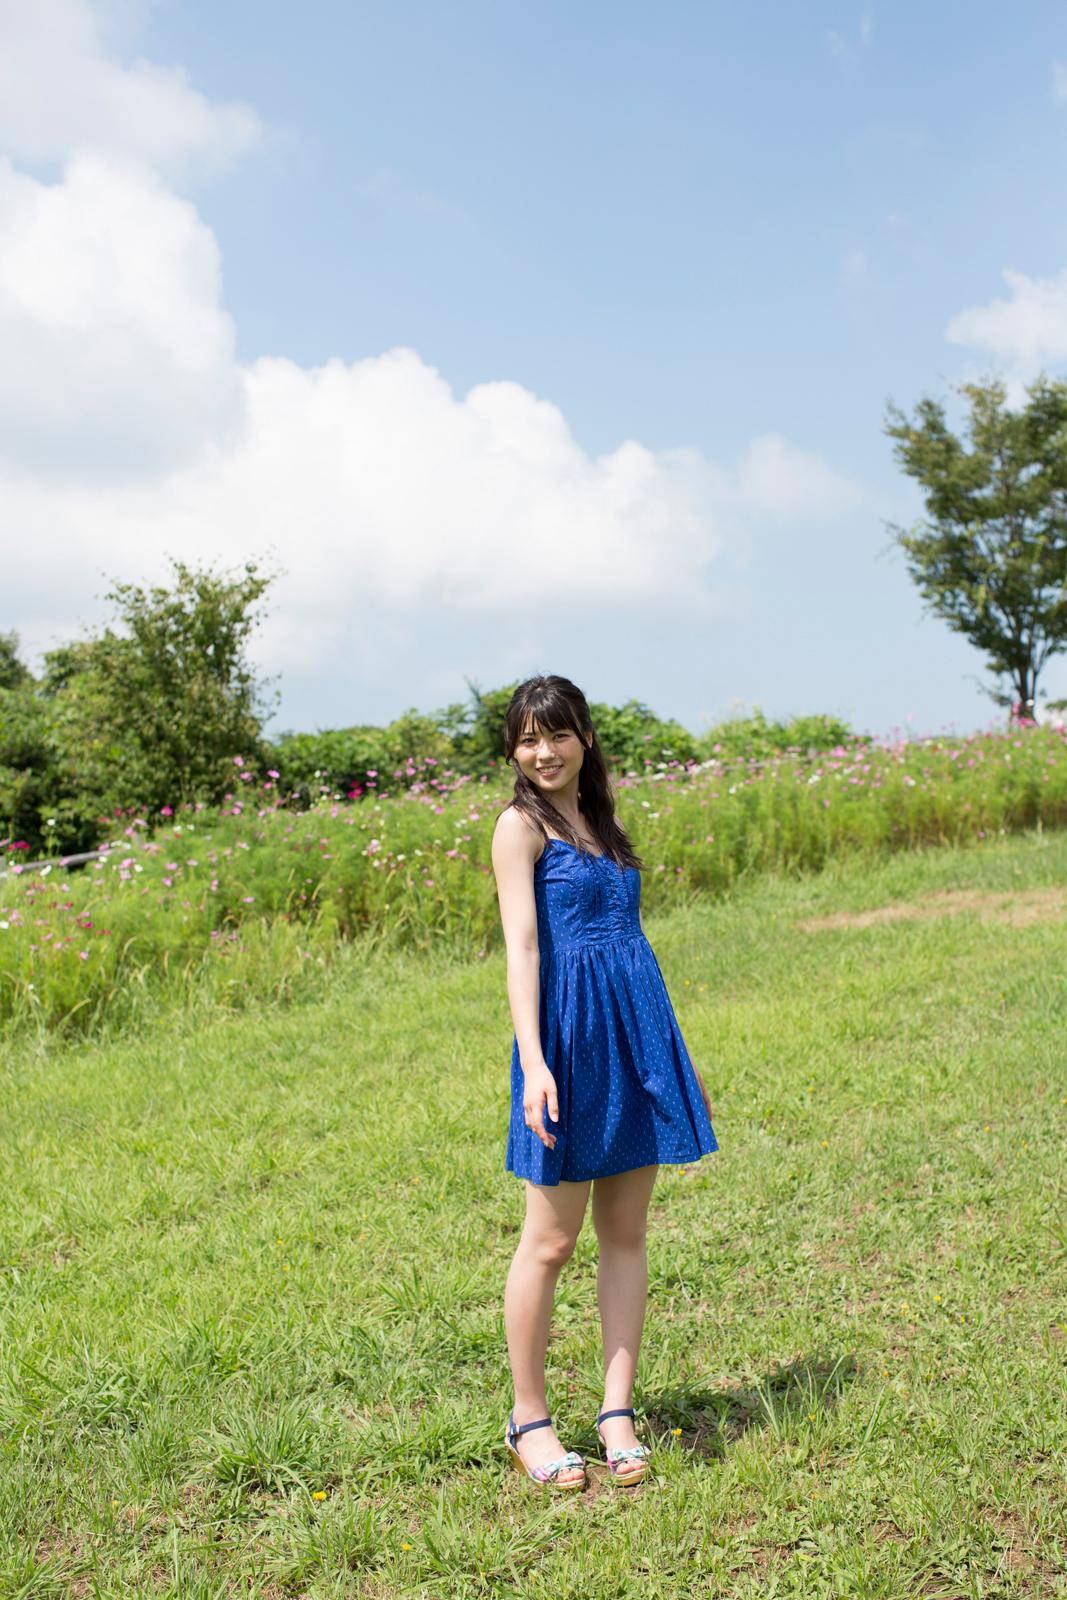 PINKのコスモス 青のワンピ 矢島舞美